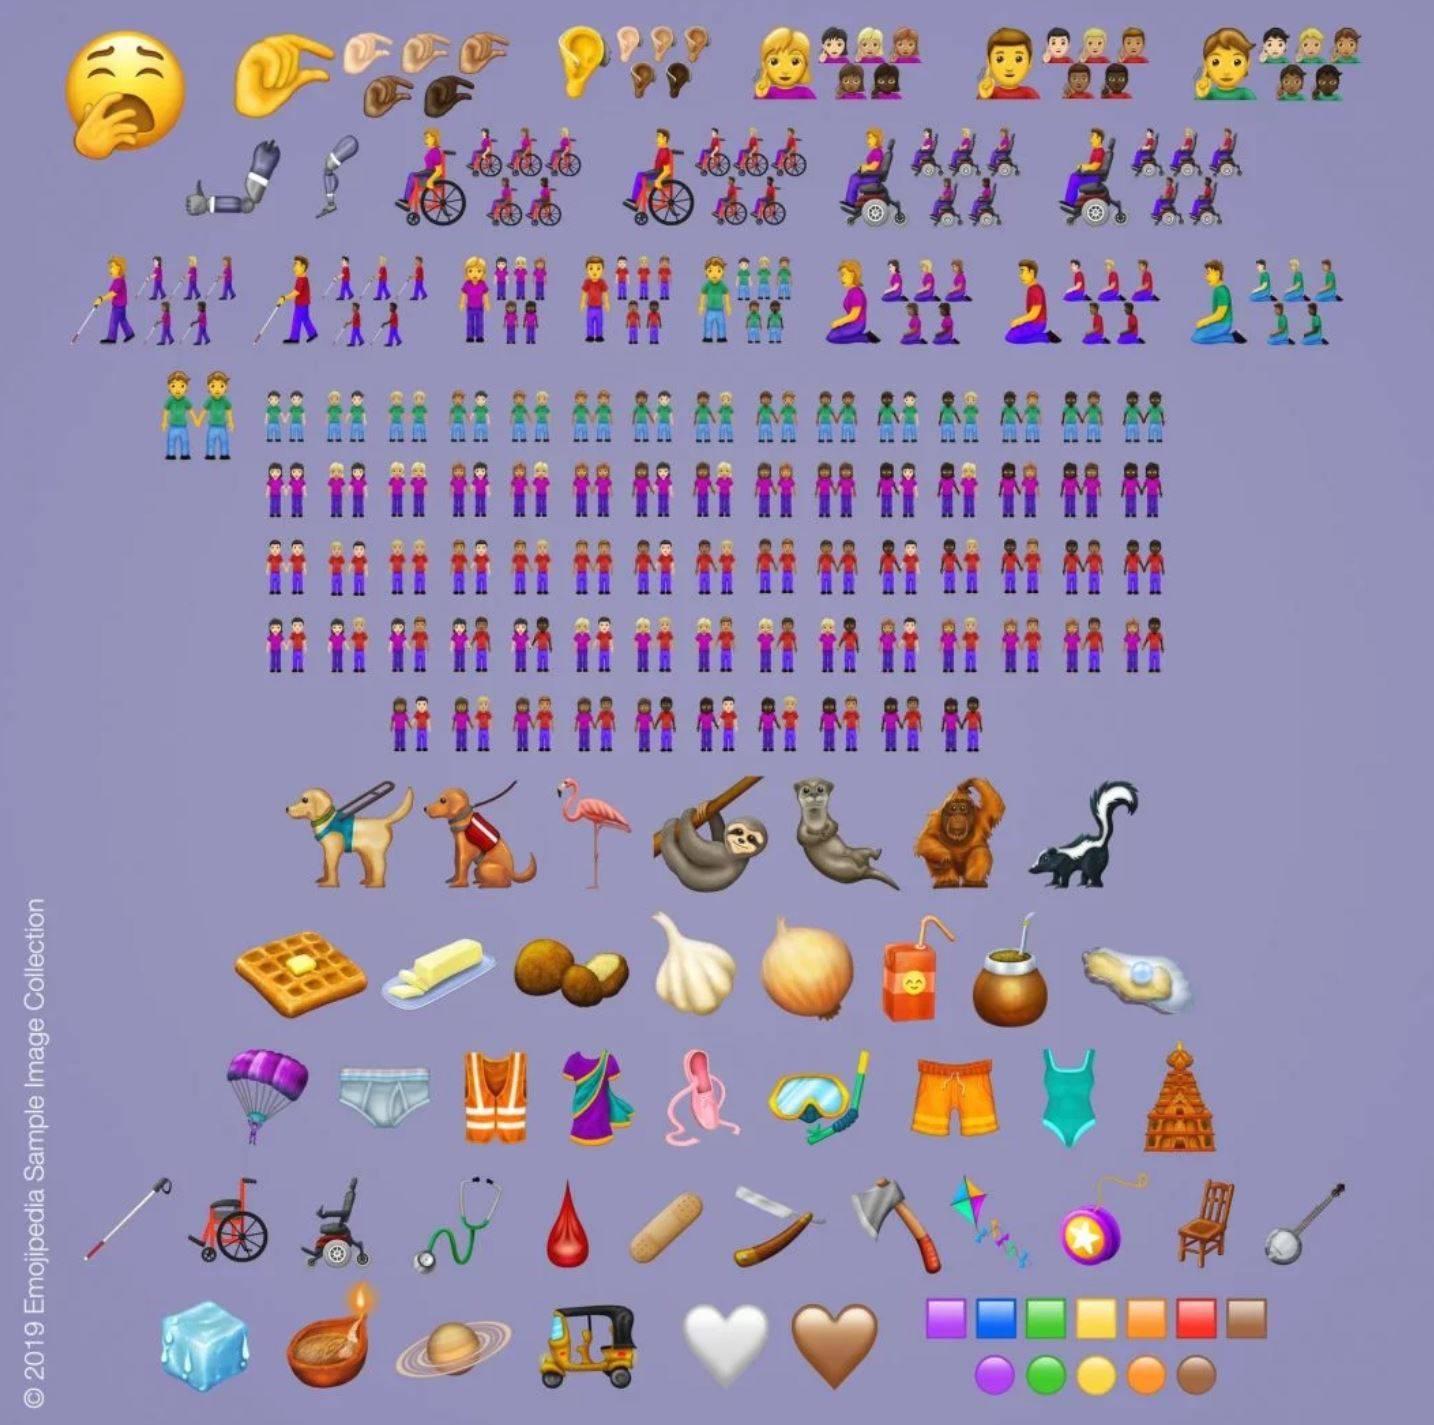 www.juicysantos.com.br - novos emojis lista de 2019